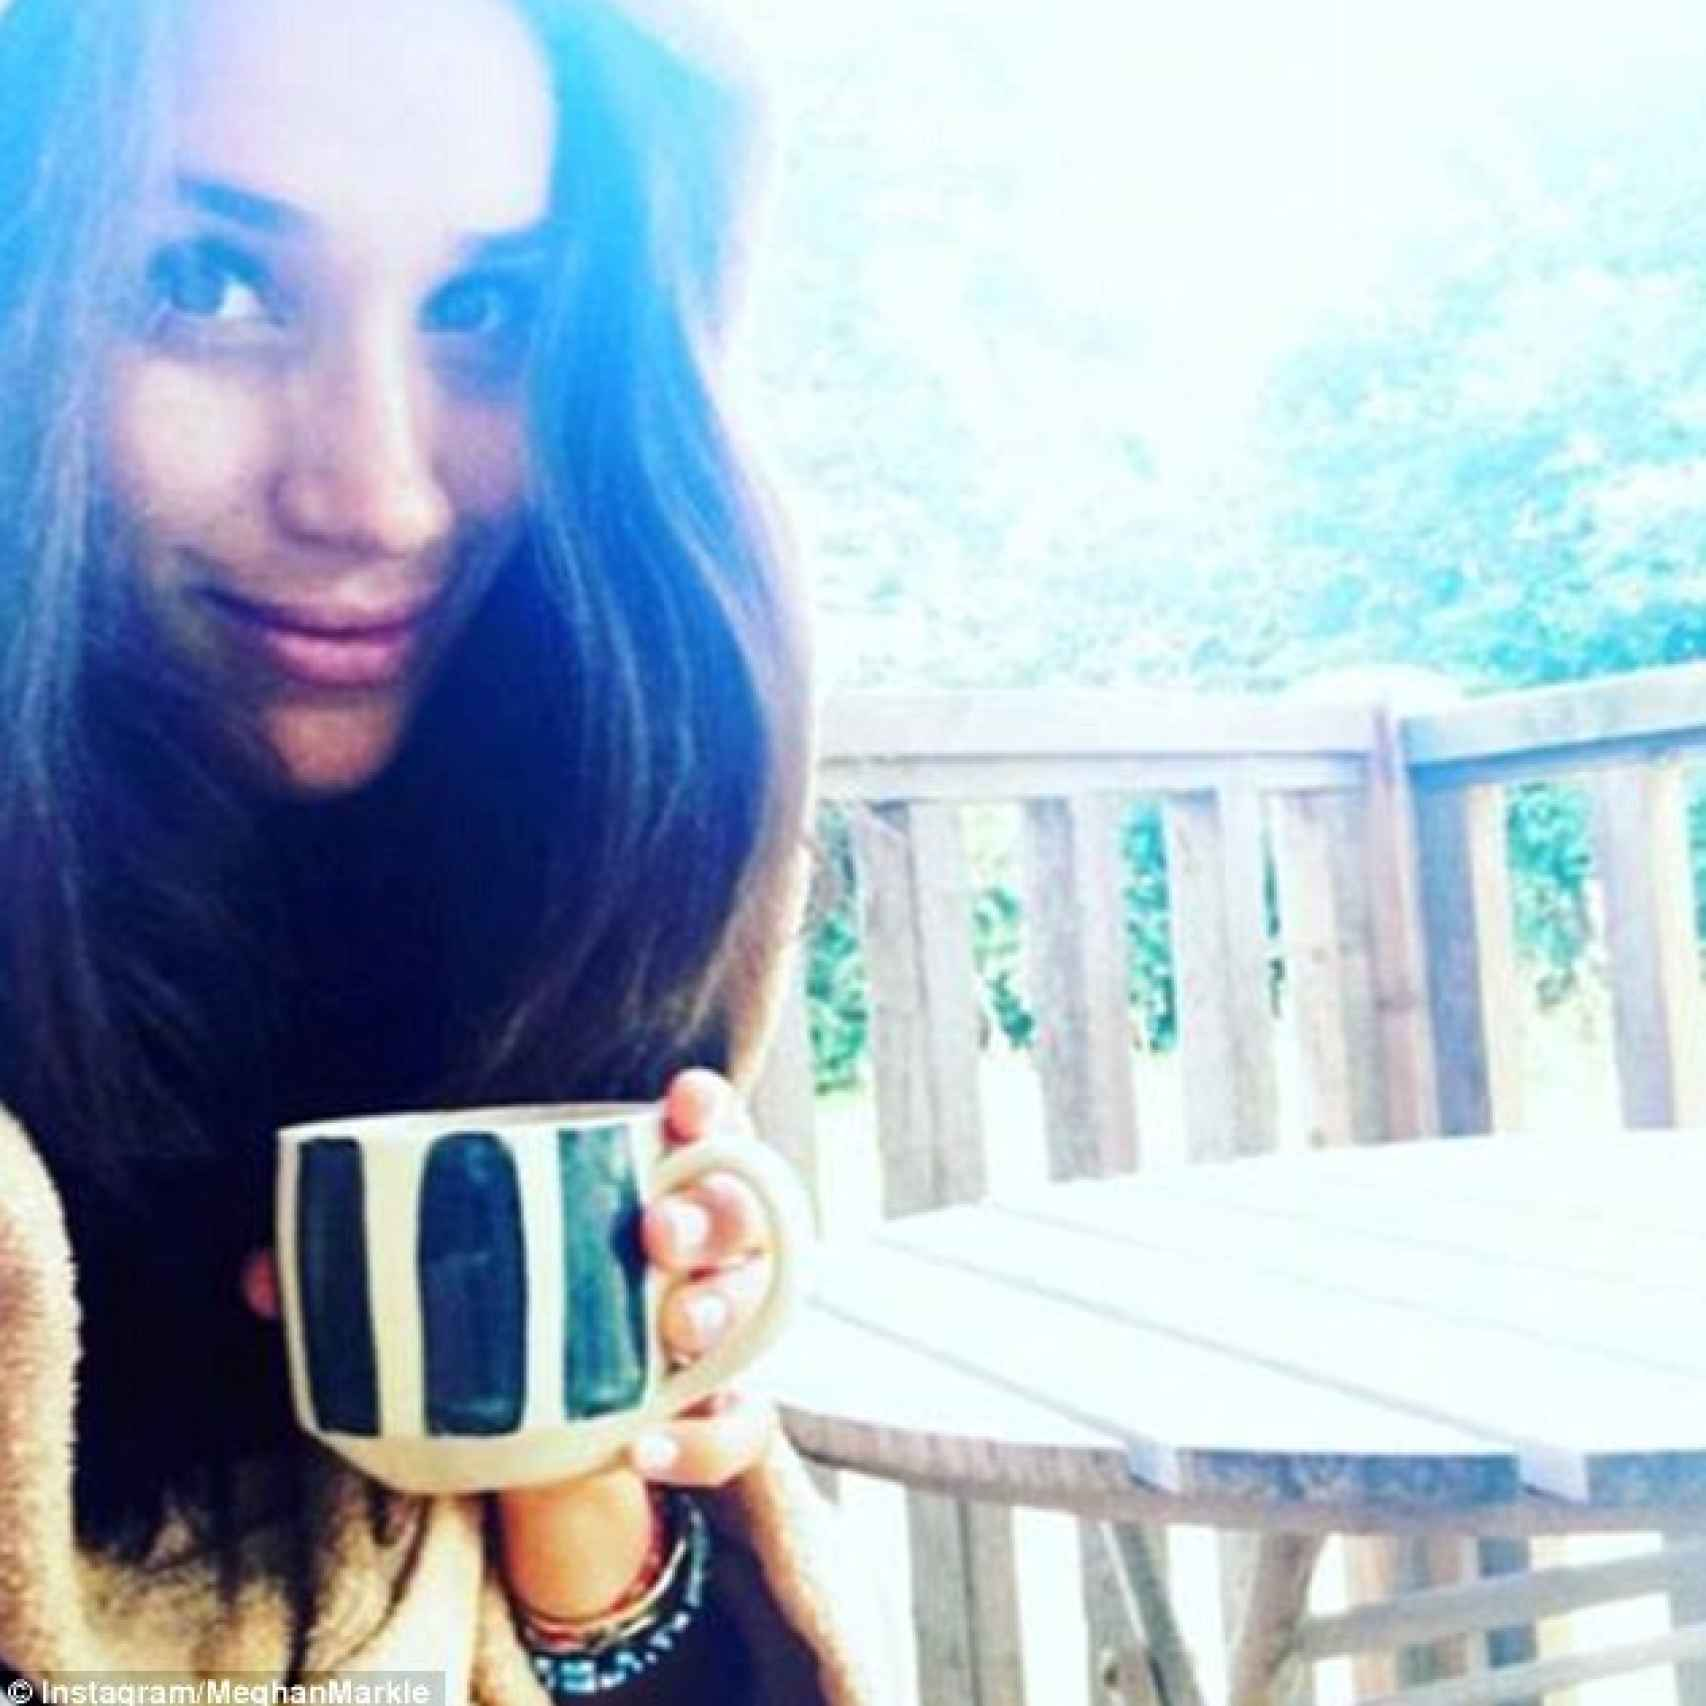 Meghan en Instagram muestra una pulsera como la de Harry, lo que levantó las primeras sospechas